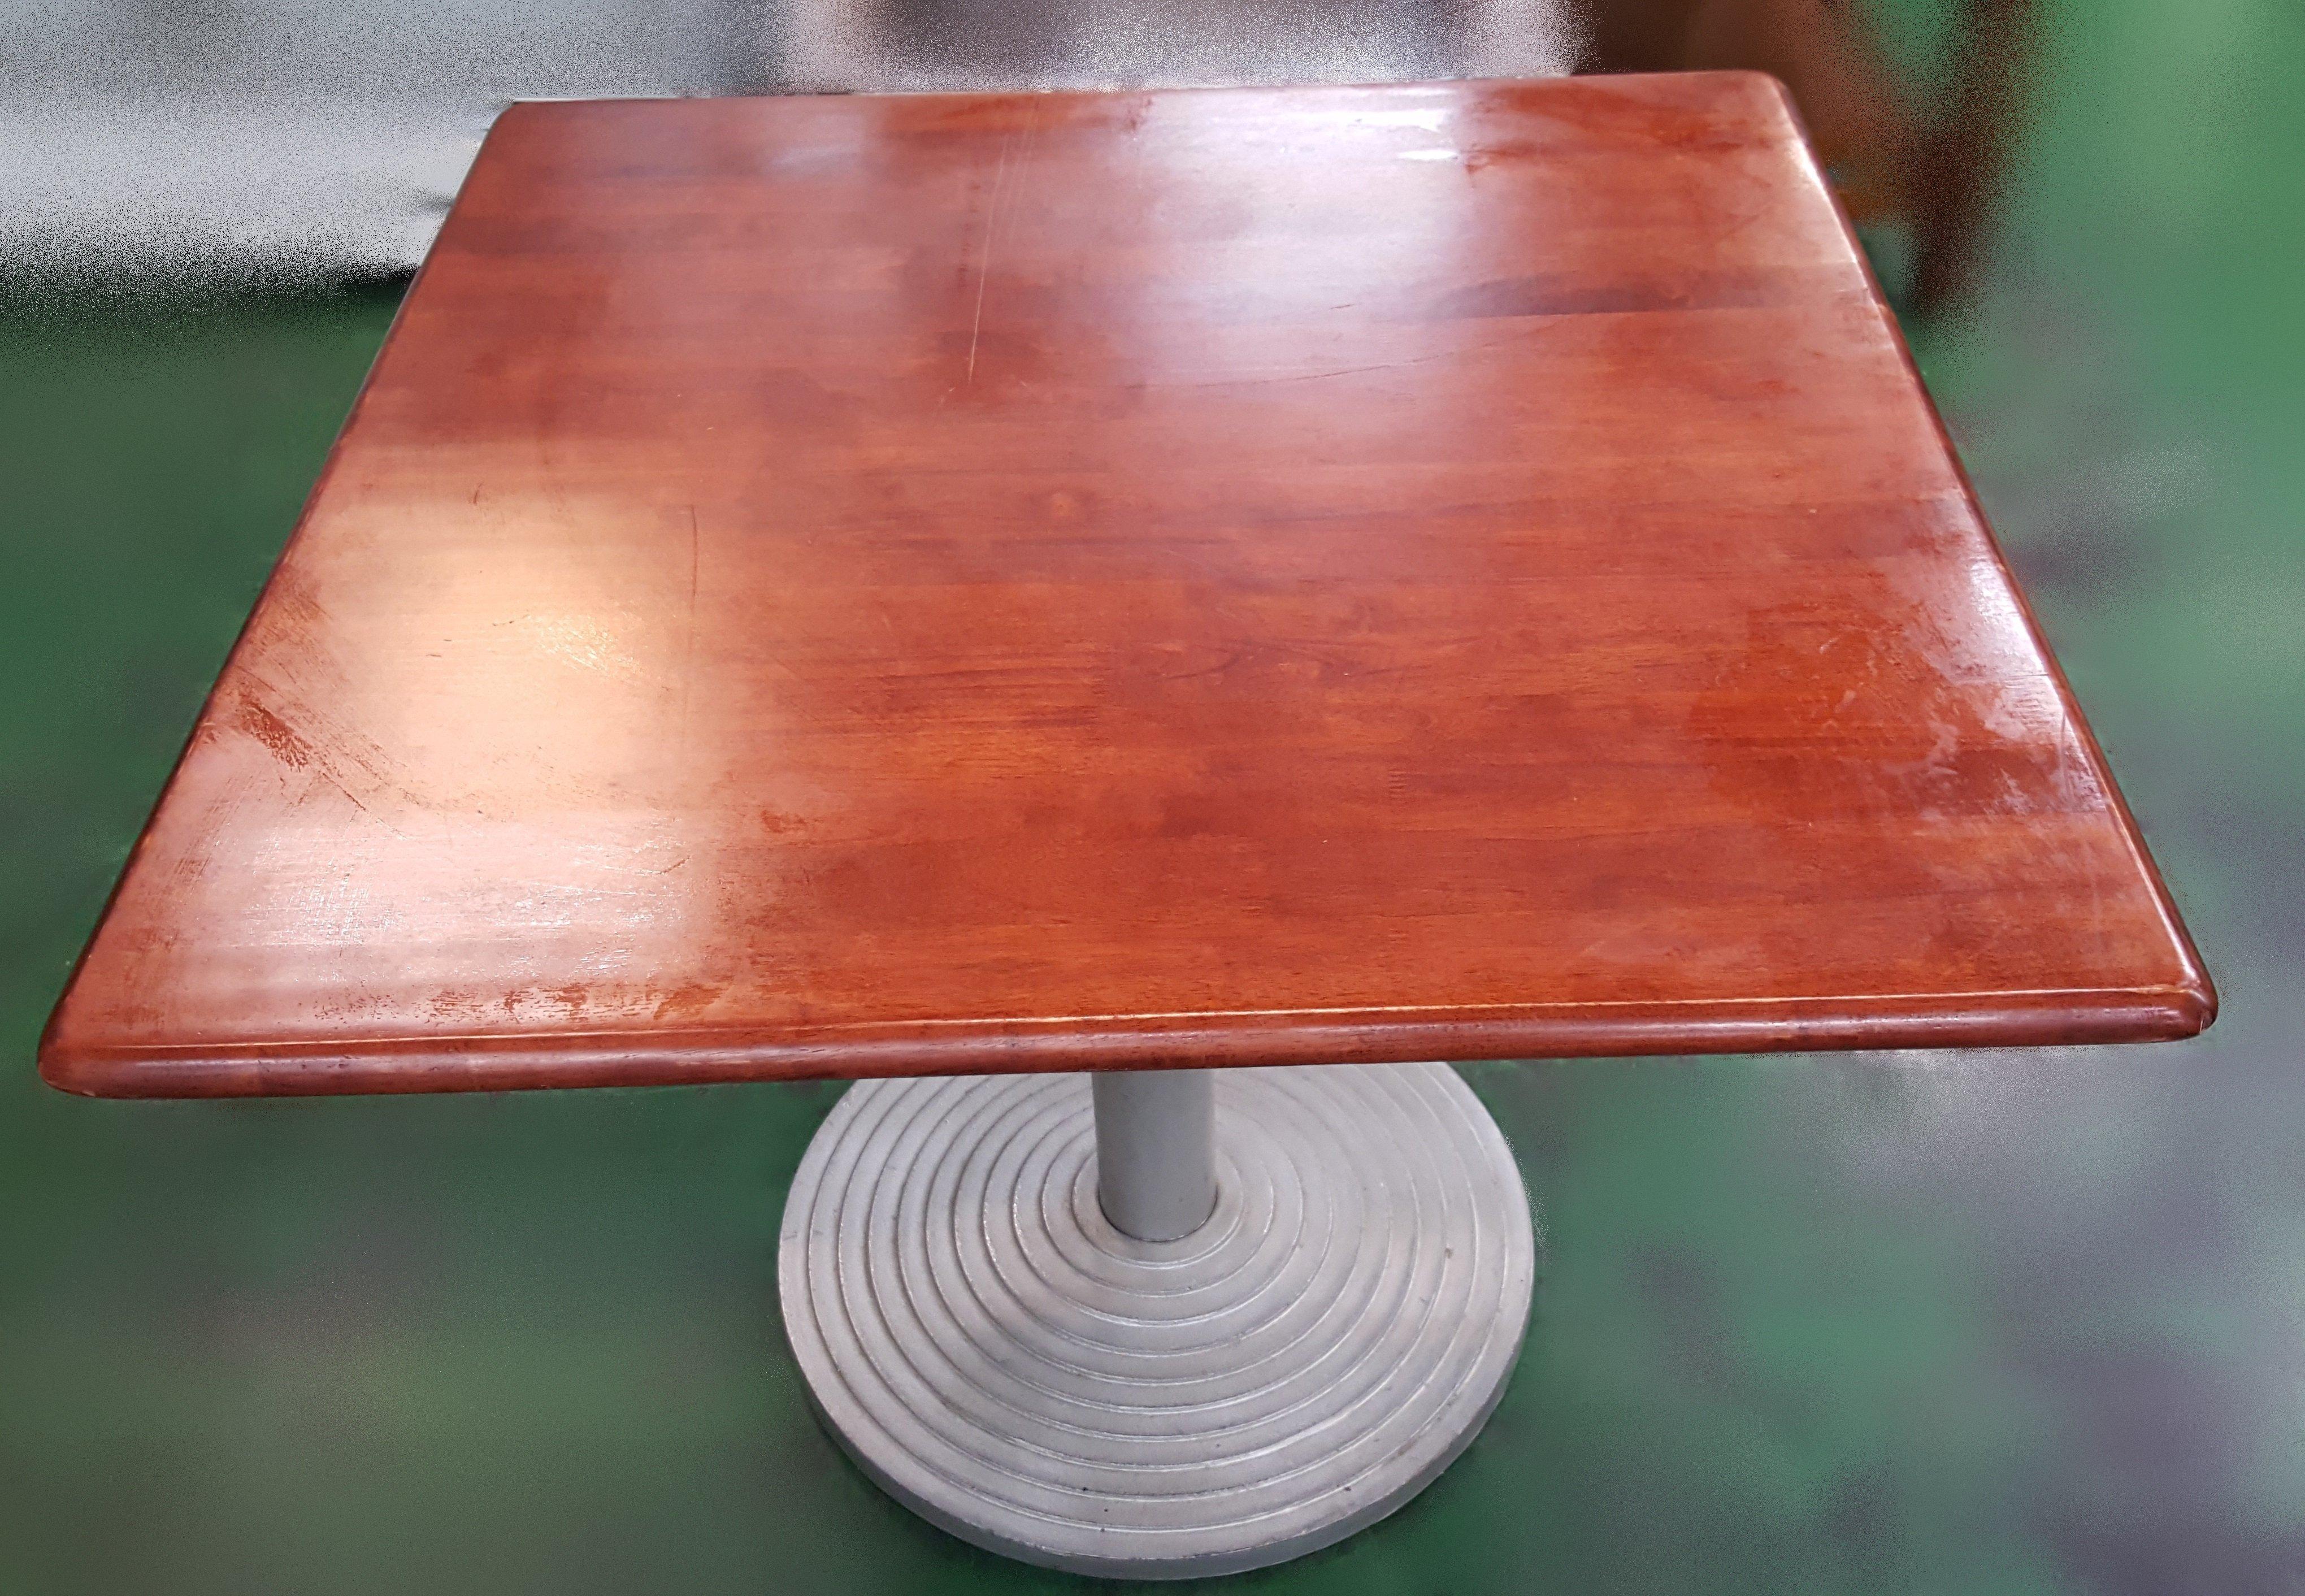 【宏品二手家具館】 台中二手傢俱 A102104銀腳木色餐桌* 洽談桌 會議桌 中古麻將桌 電腦桌 書桌 工作桌 寫字桌